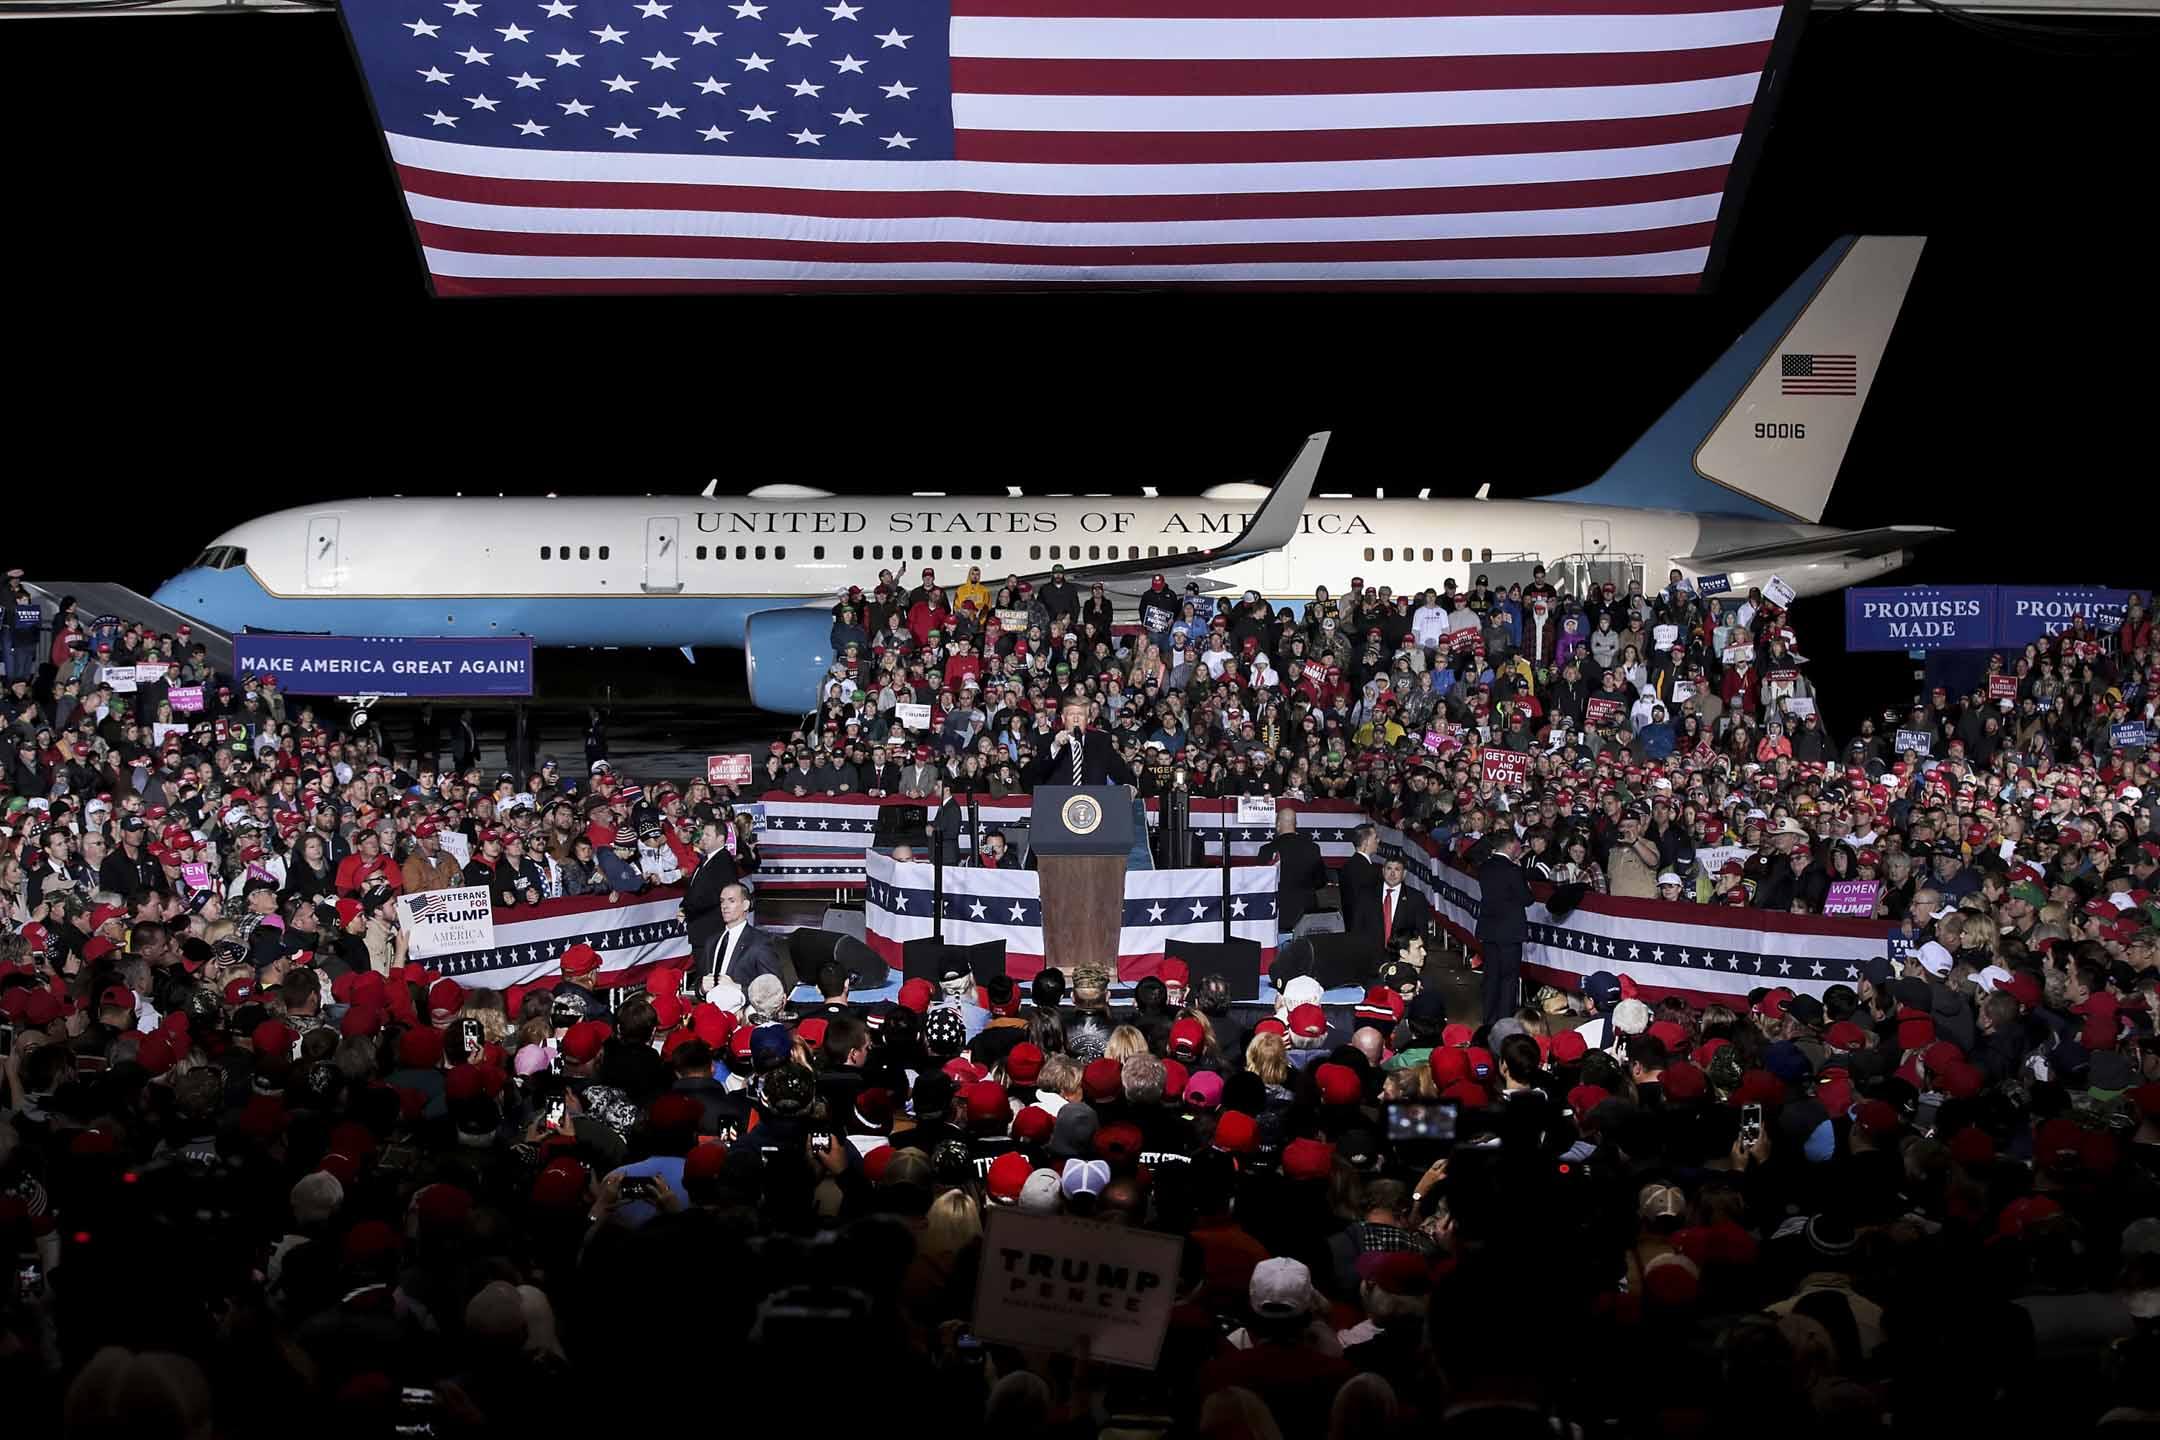 雖然眾議院易手,但共和黨沒有輸,民主黨沒有贏;雖然接下來的兩年,美國國會將不再一黨獨大,但特朗普沒有輸,而貿易戰中的中國更沒有贏。圖為2018年11月1日,特朗普出席共和黨密蘇里州選舉活動。 攝:Scott Olson/Getty Images